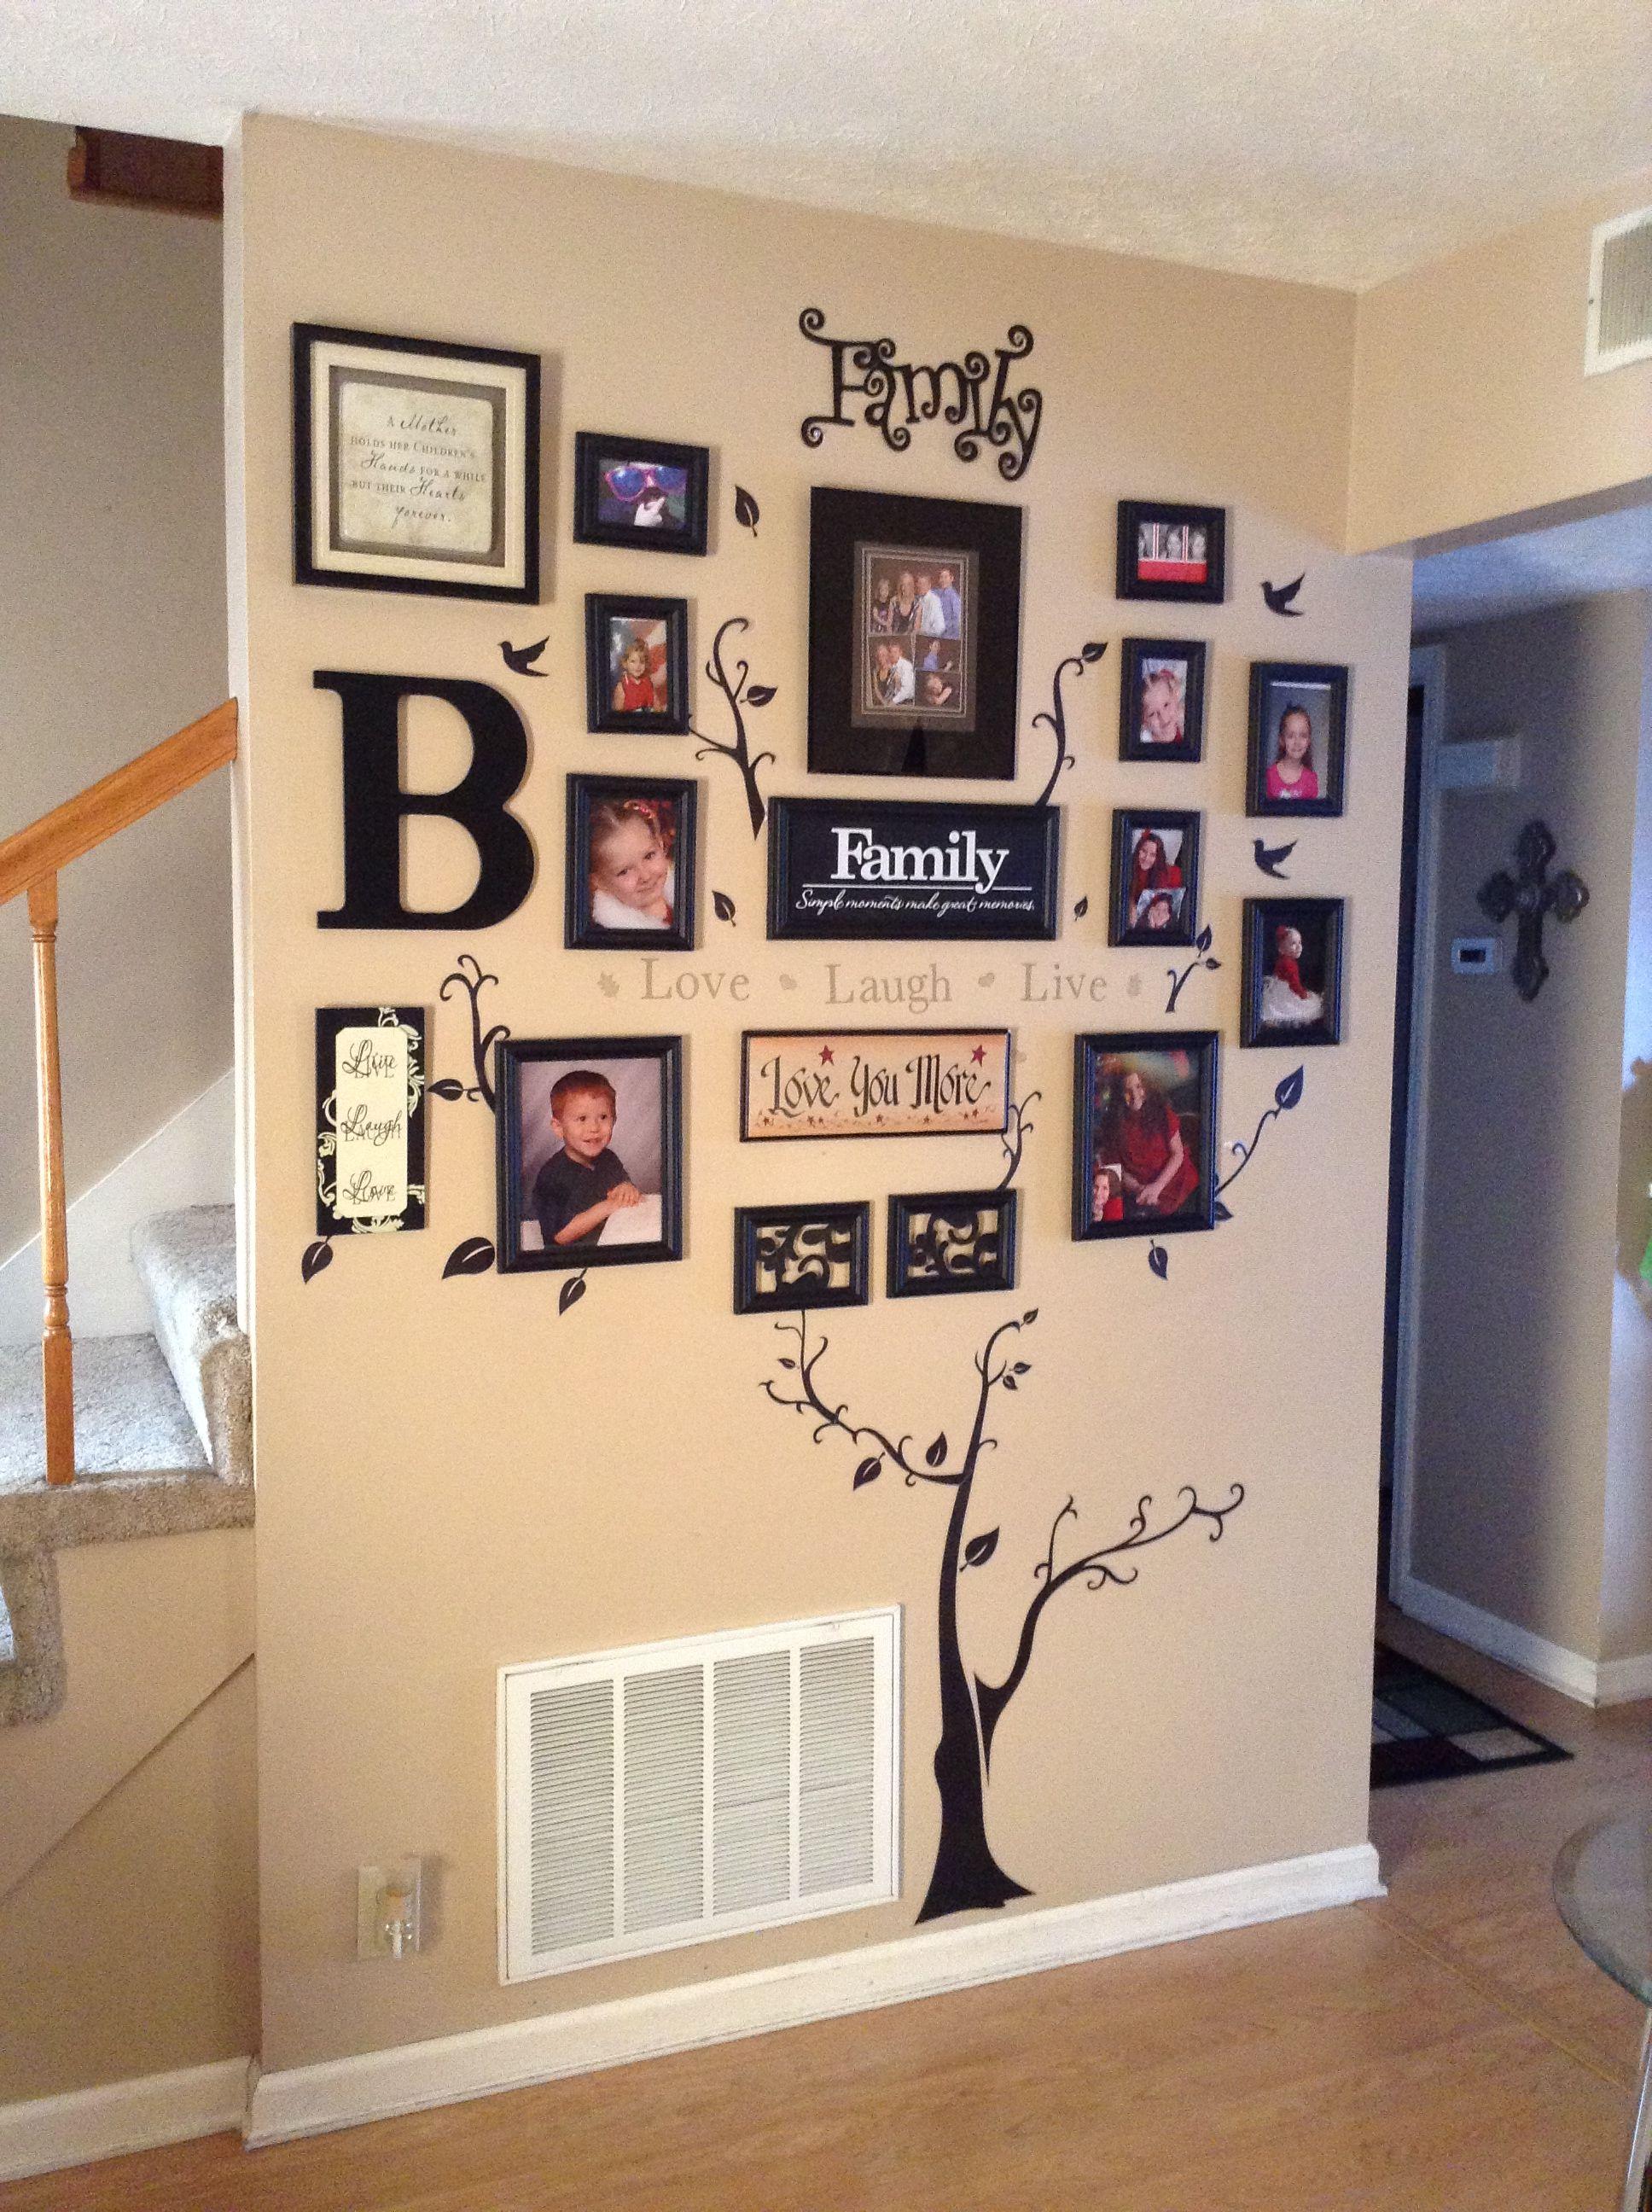 My family tree wall decor